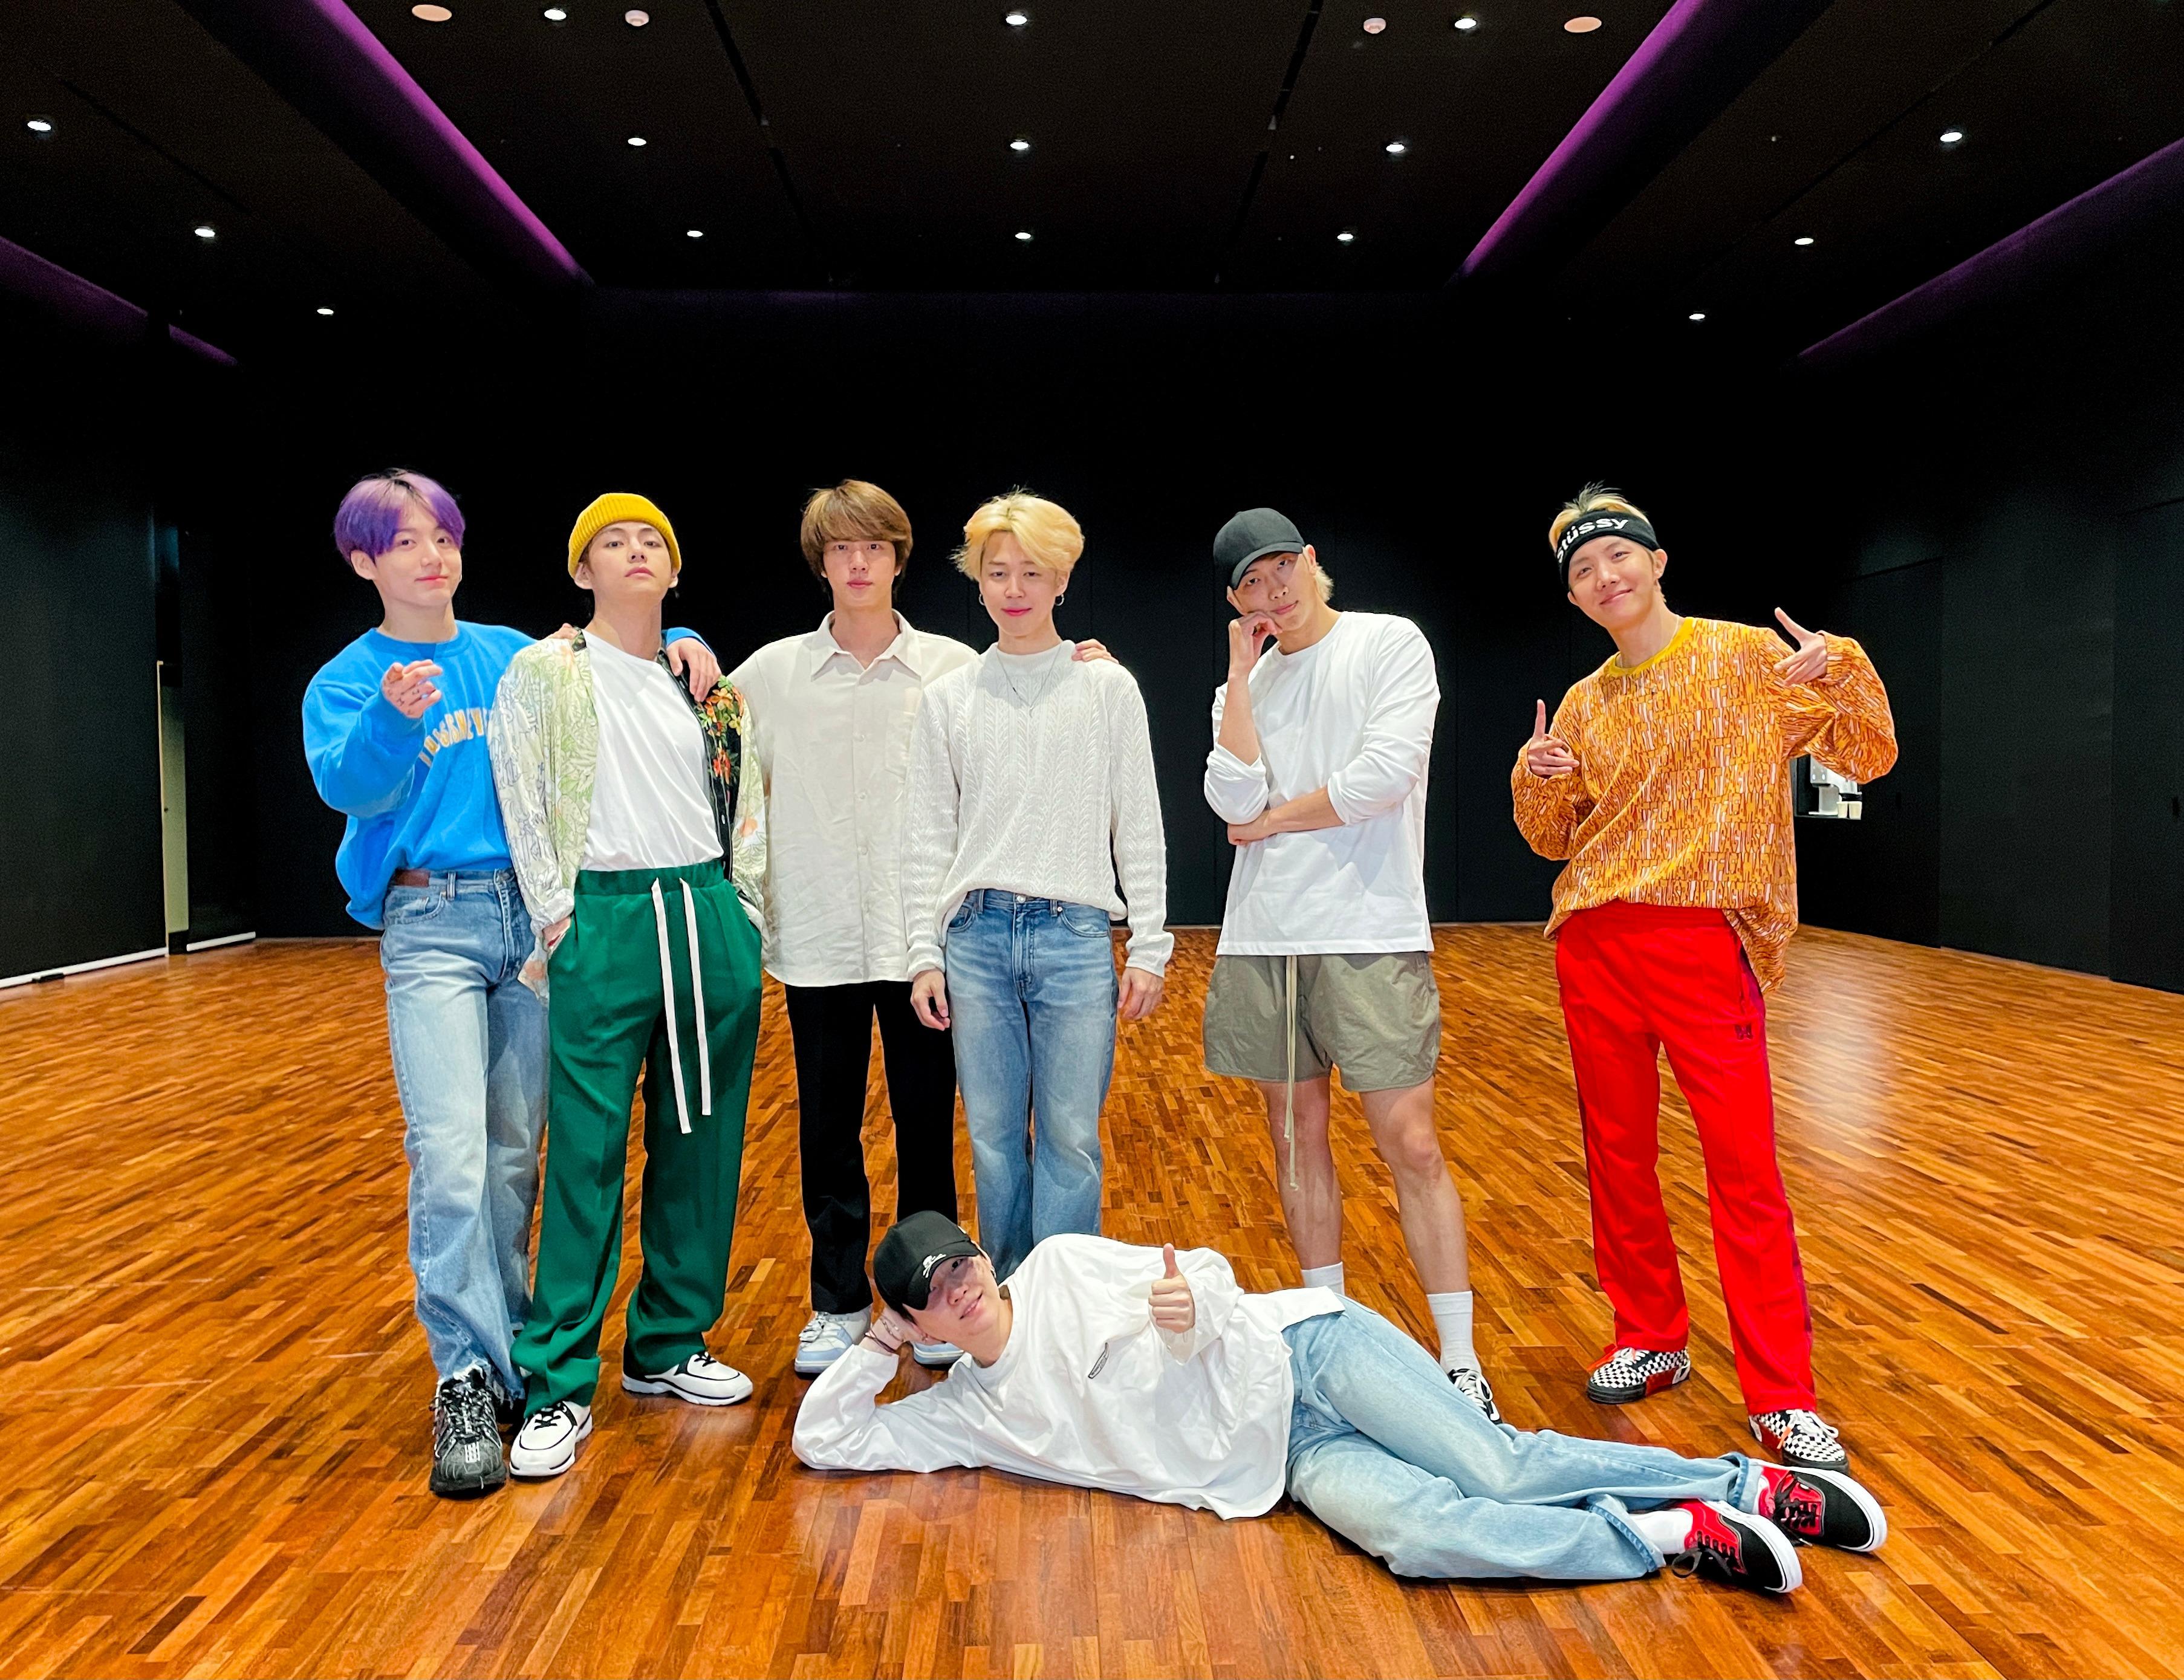 Os sete membros do BTS em foto de divulgação; seis deles estão em pé alinhados na horizontal enquanto um está deitado de lado no chão com a cabeça apoiada o braço; todos estão posando para câmera